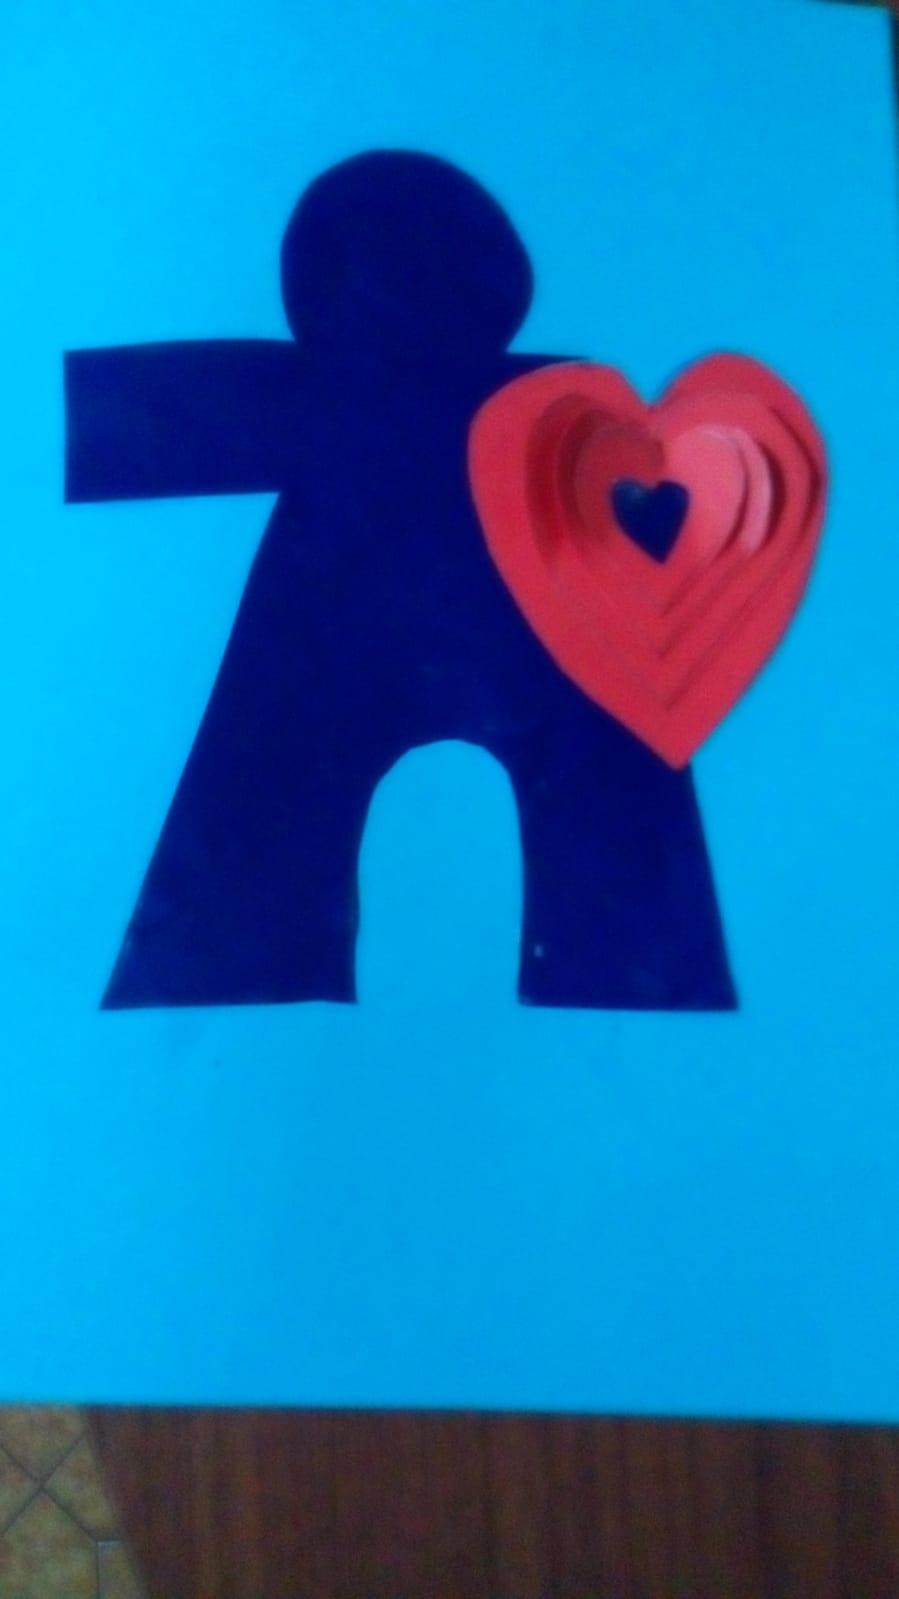 2 Aprile 2020 - Giornata mondiale per la consapevolezza sull'autismo